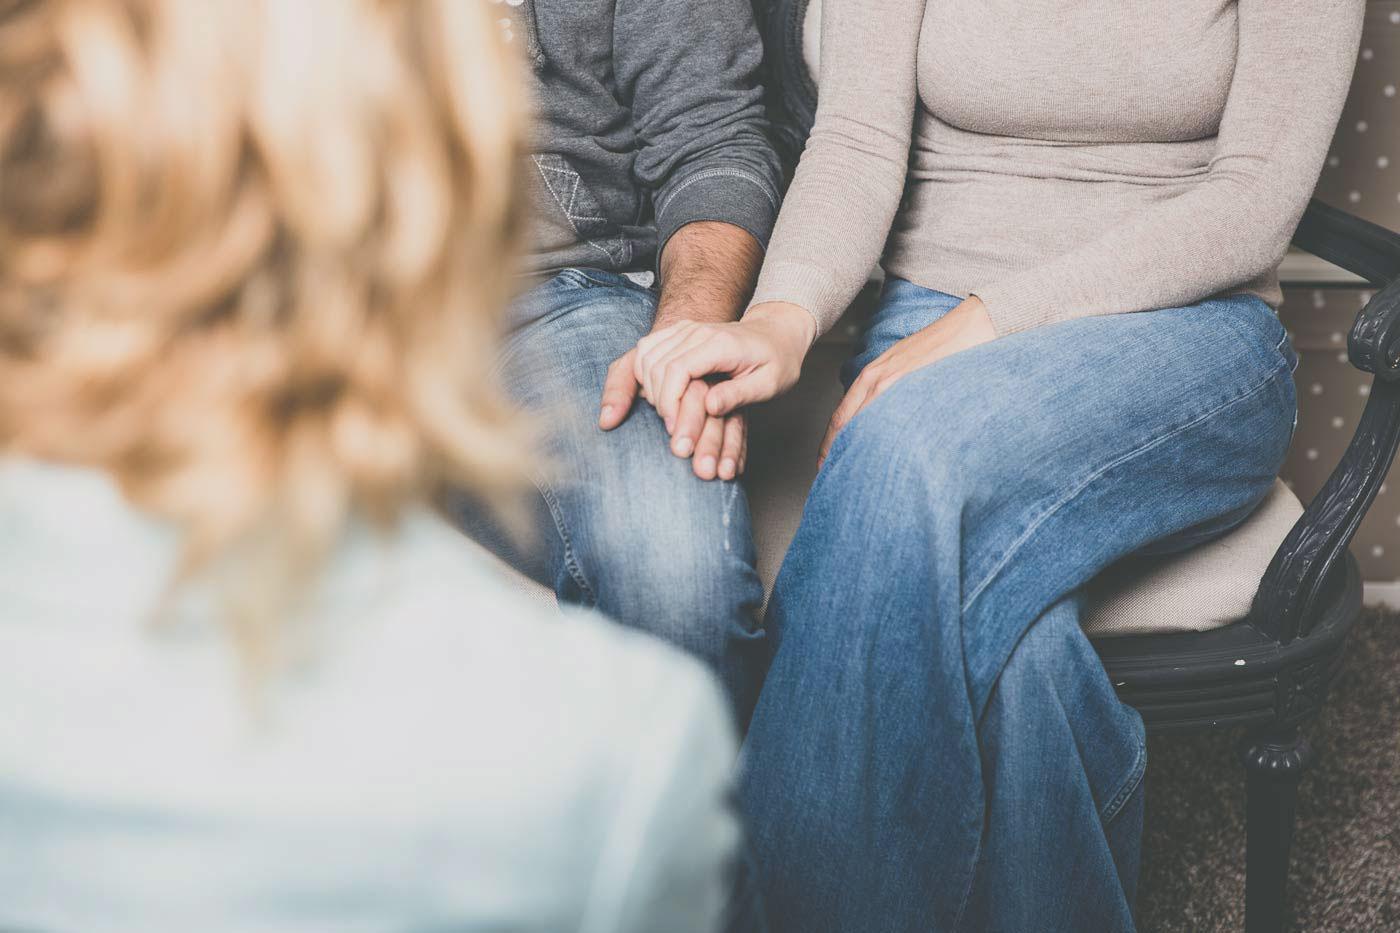 stefania-savi-psicologa-perinatale-cosa-faccio-genitori-dialogo